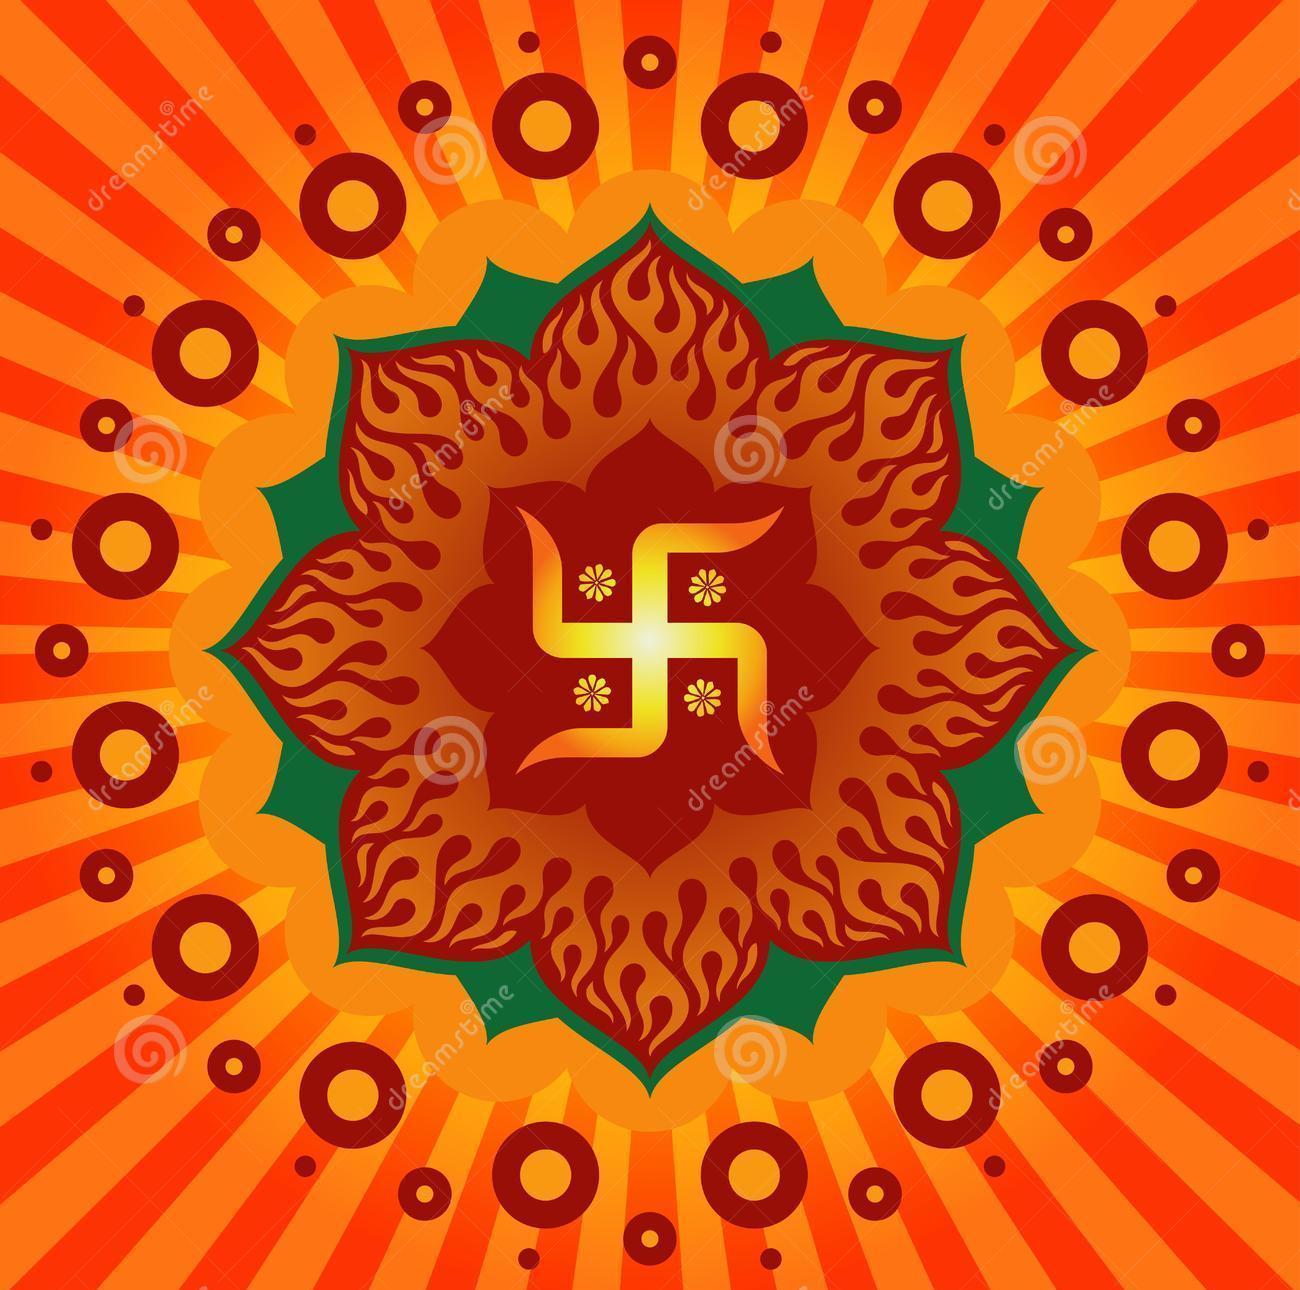 स्वास्तिक के चिन्ह का महत्व